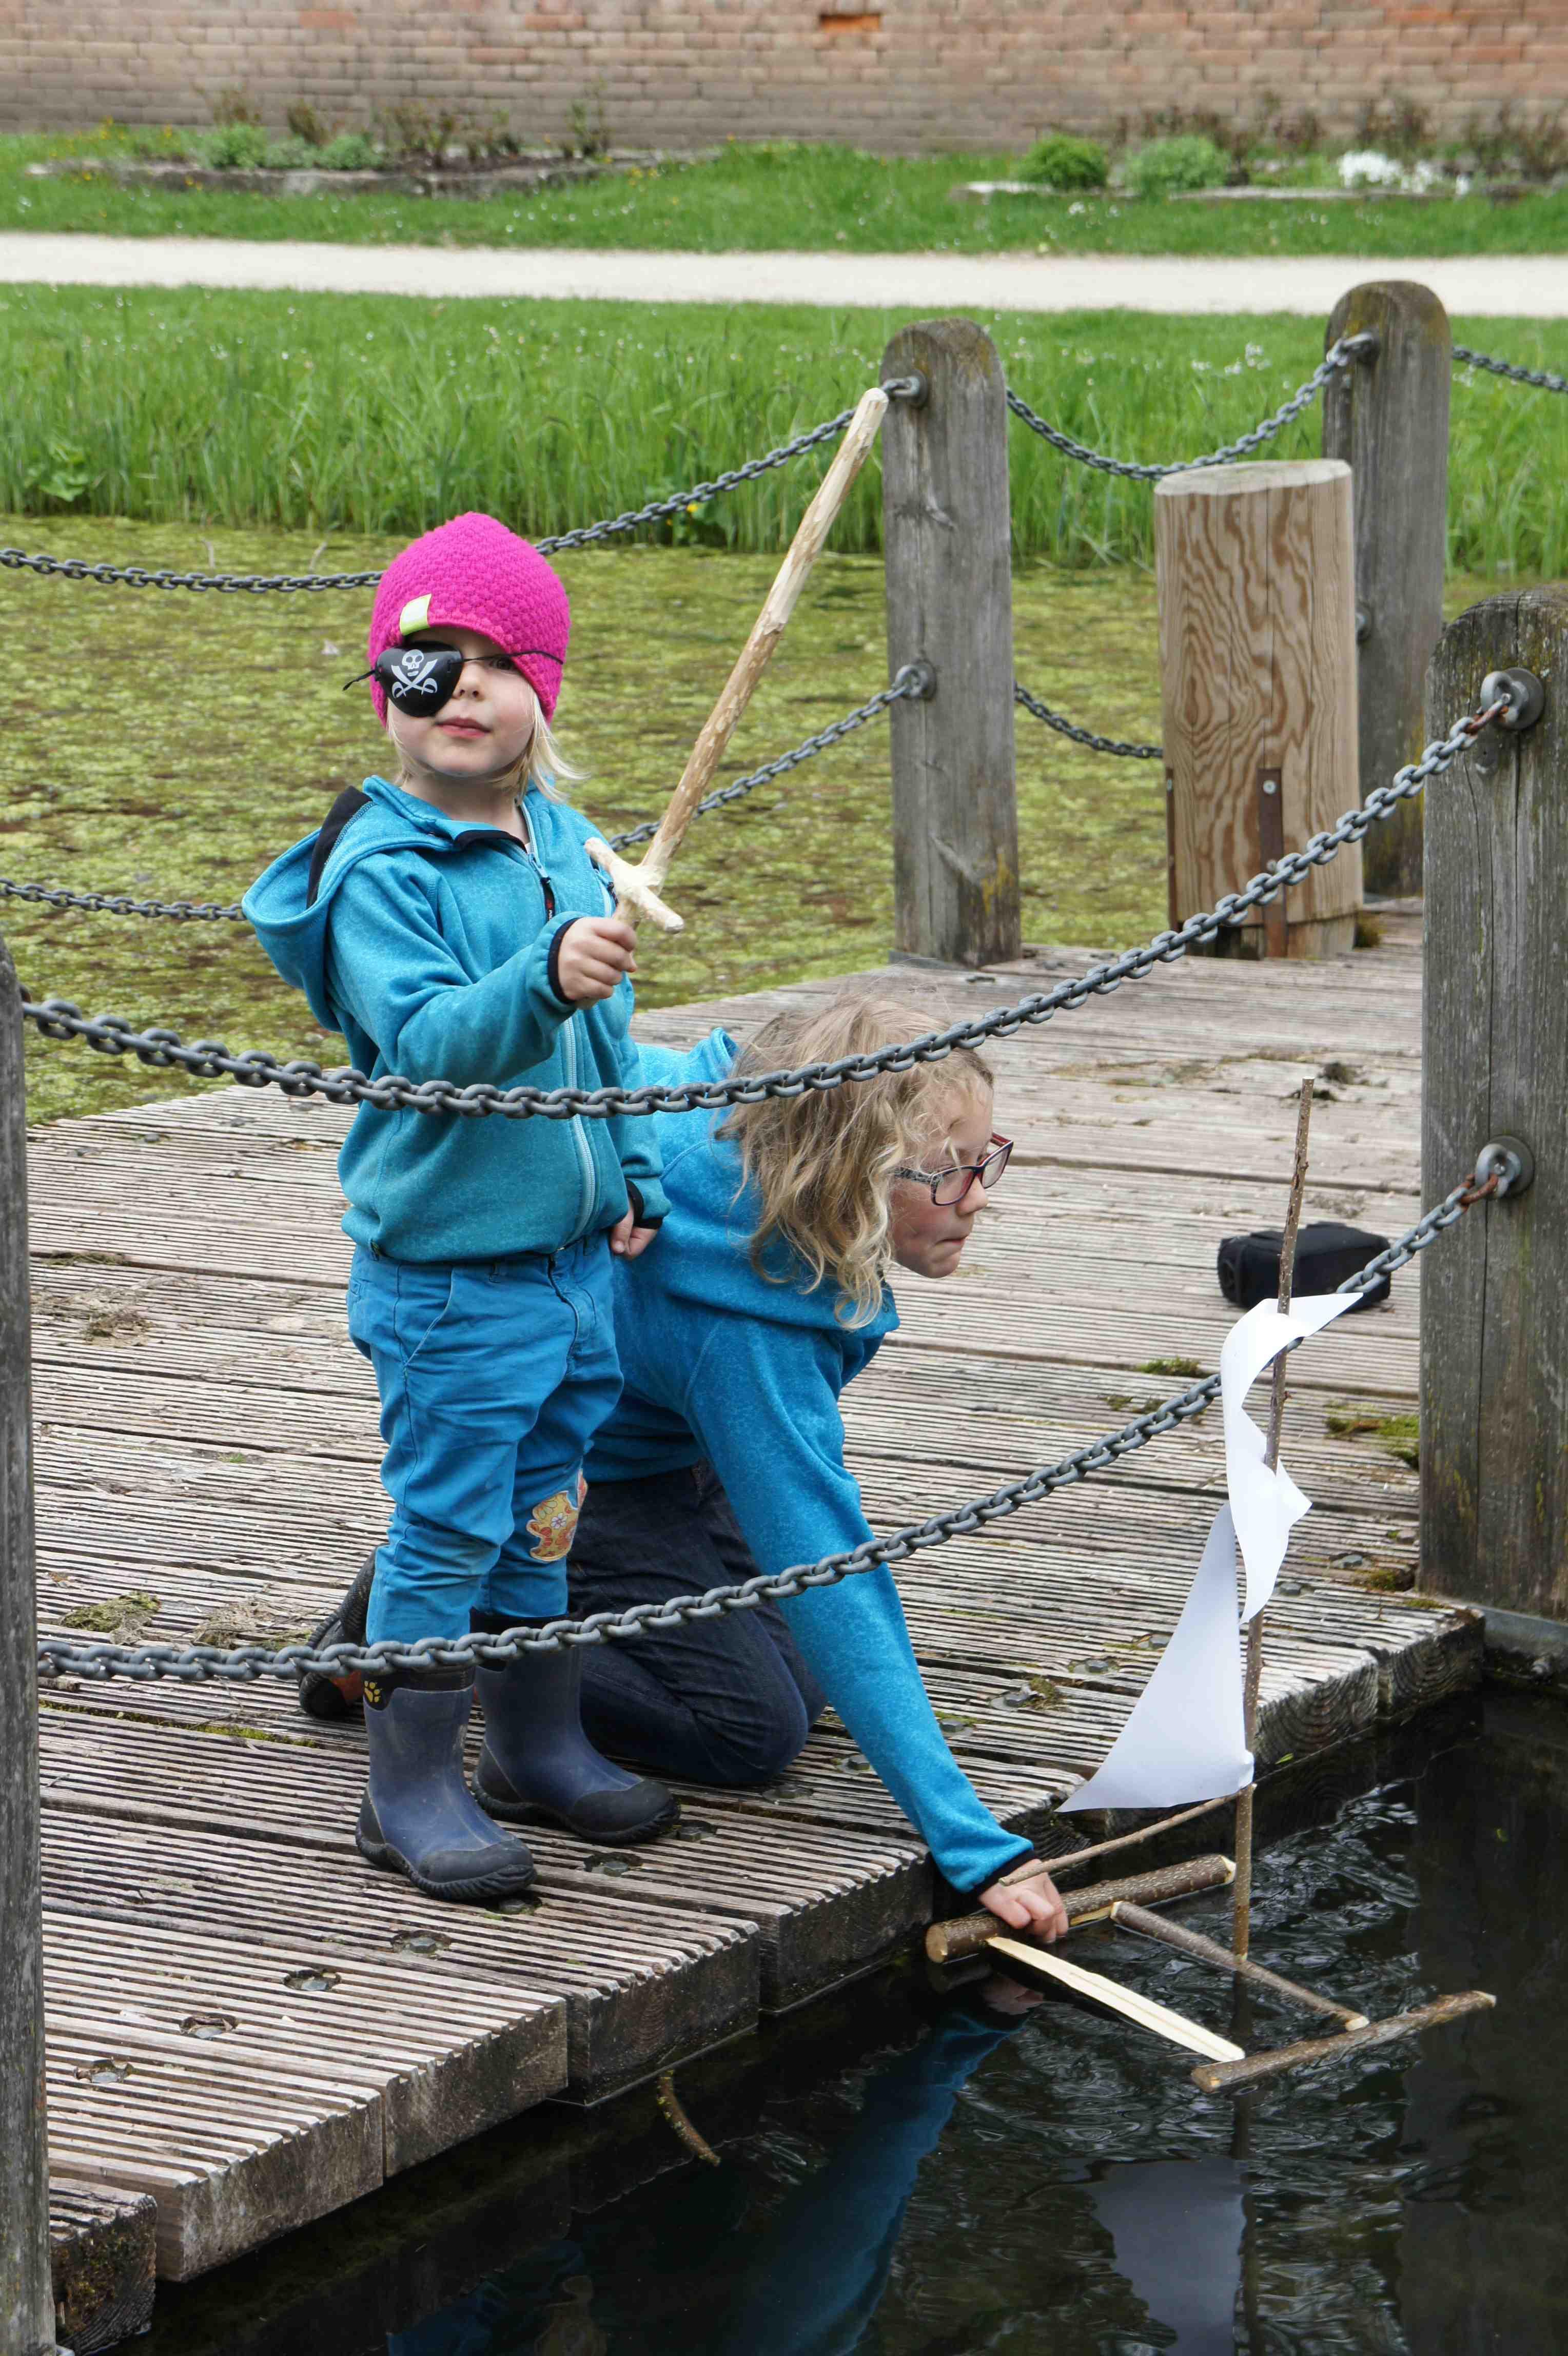 Ein Holzschiff begeistert die Kinder beim Spielen am Wasser. Foto: (c) Kinderoutdor.de